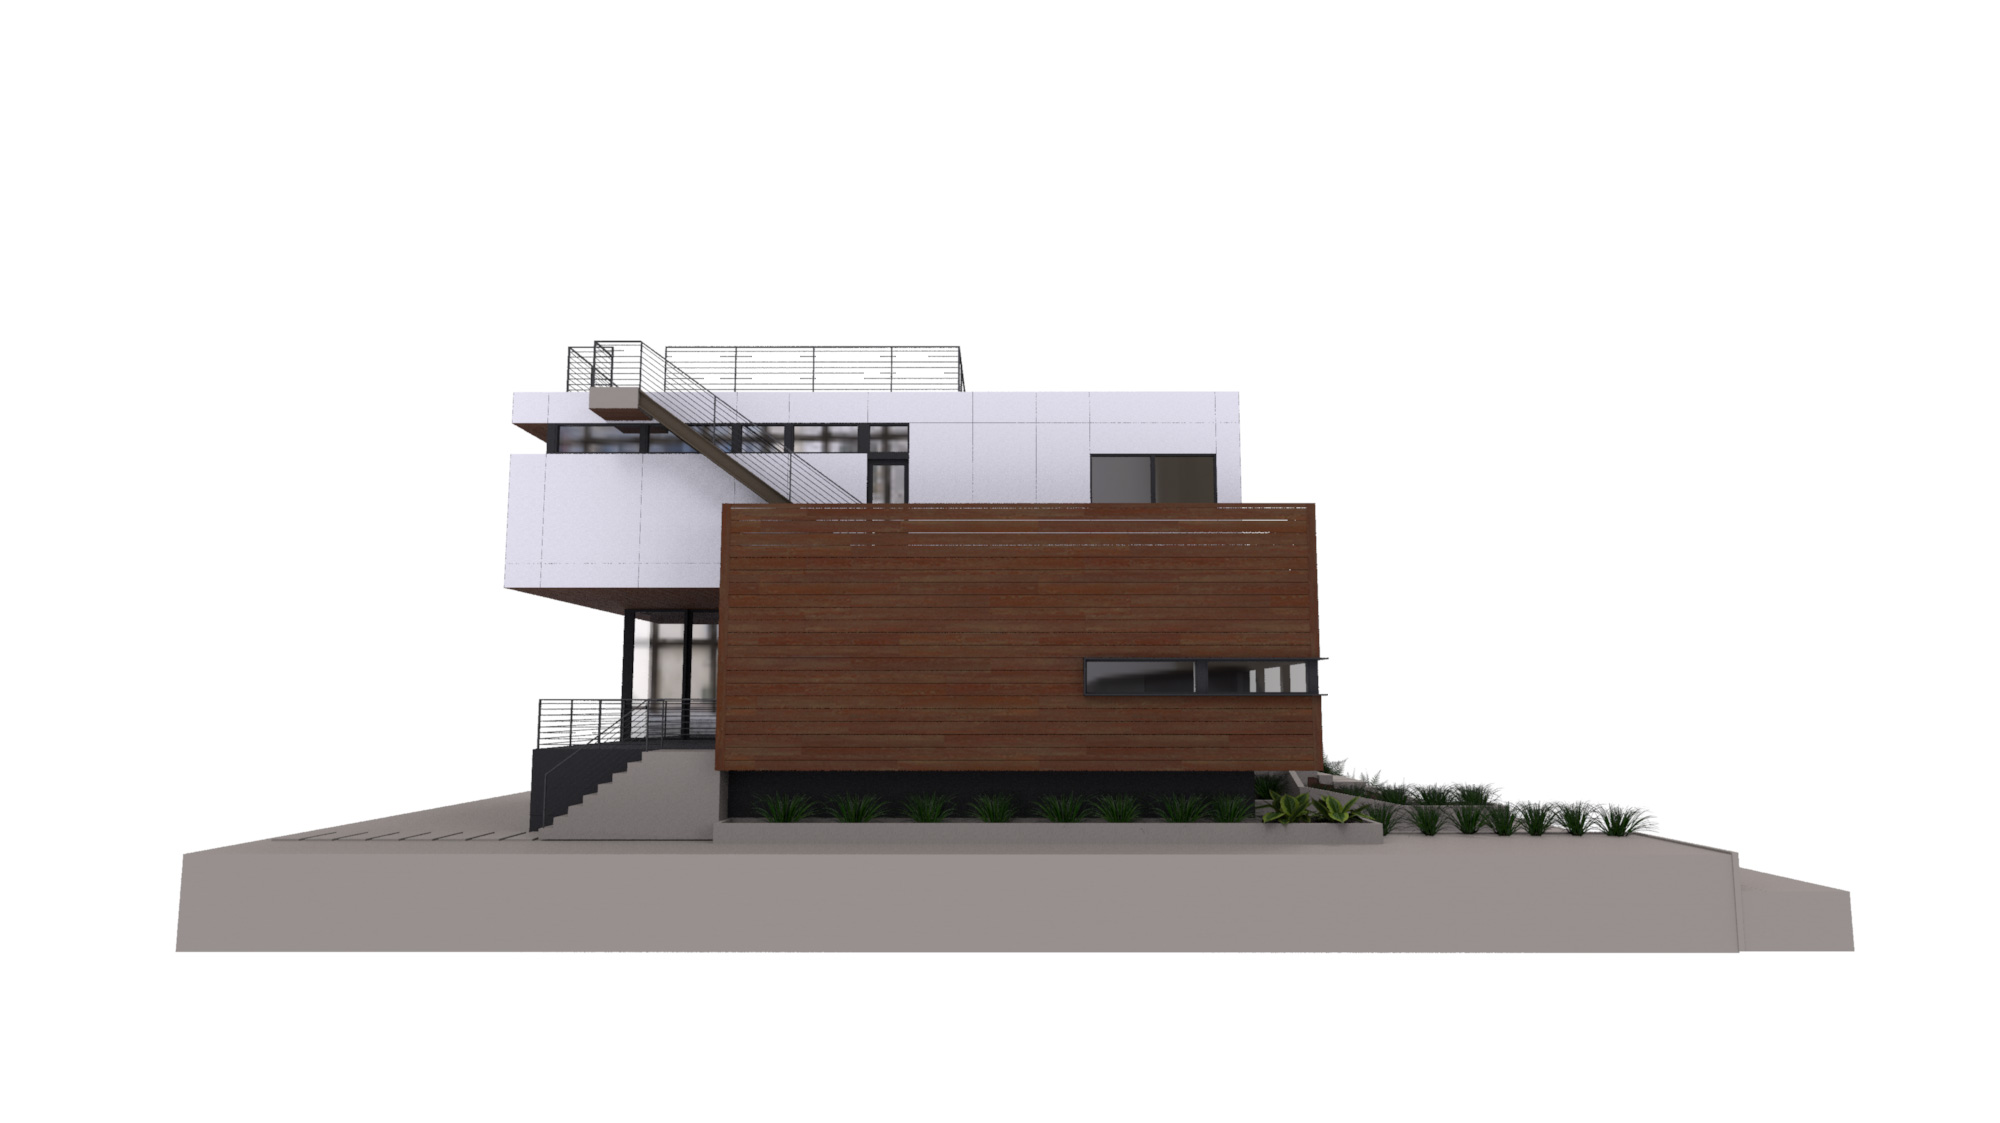 PorterhousestillSide3.jpg